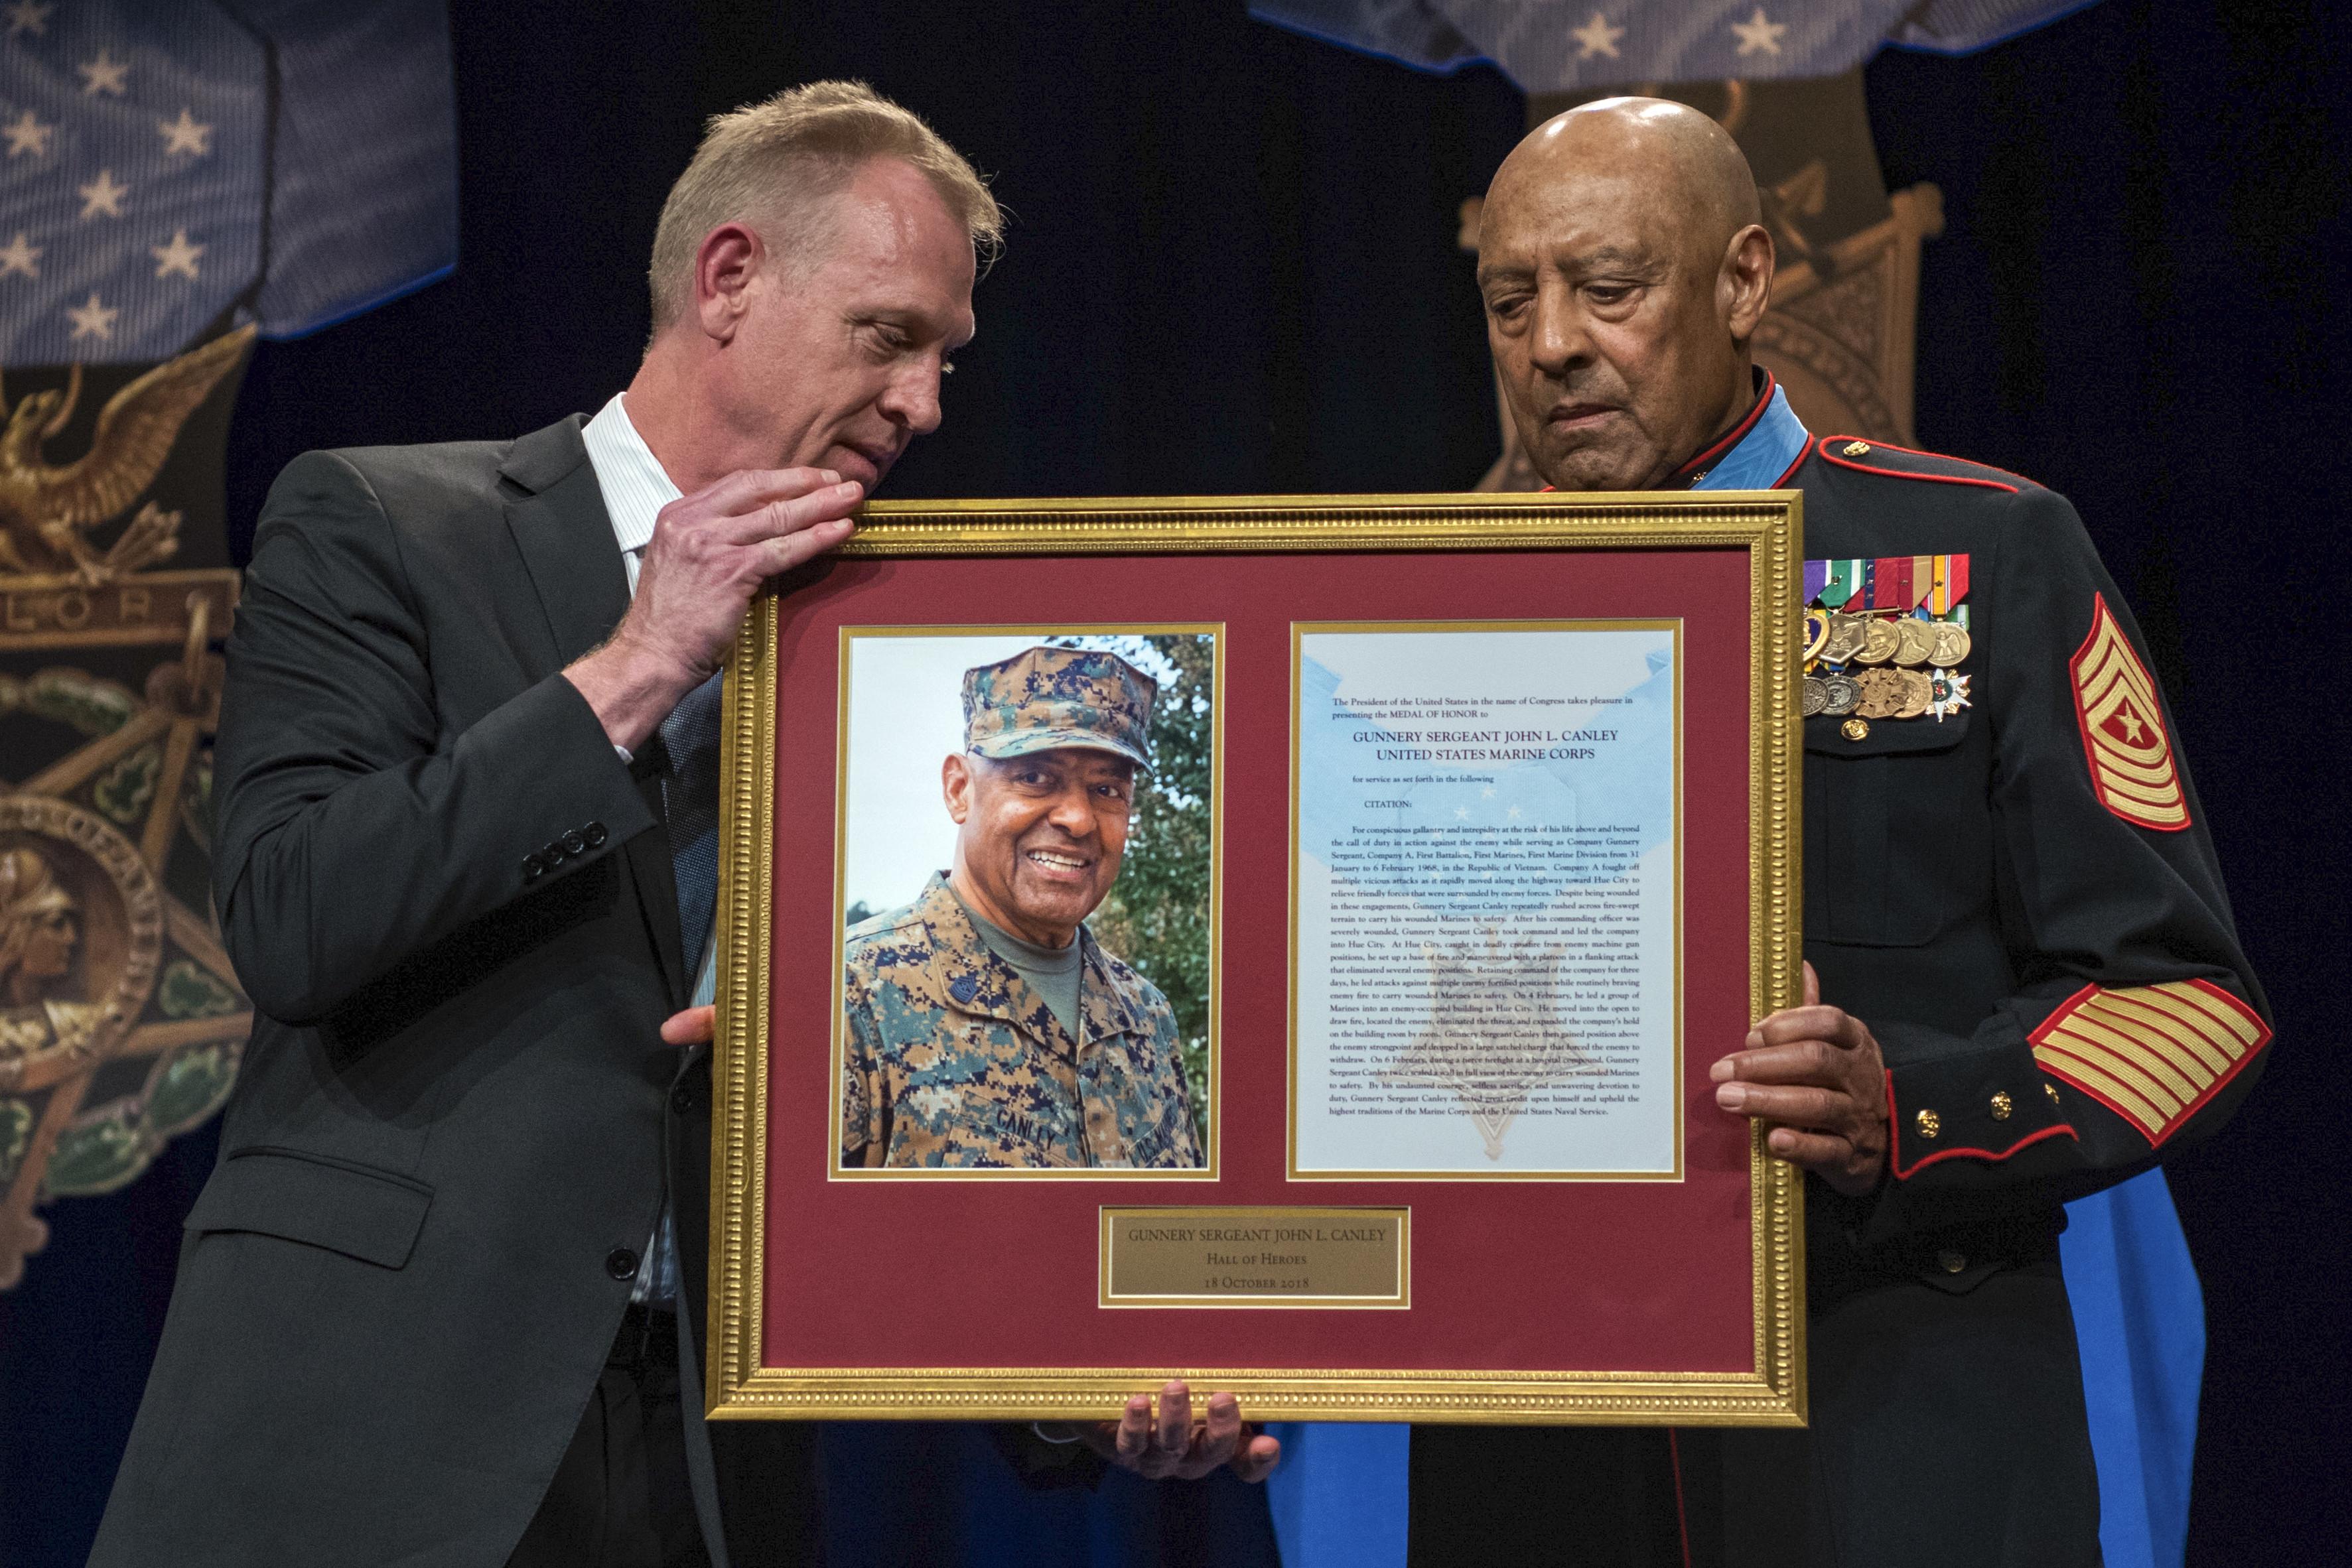 Heroic Marine Joins Pentagon's Hall of Heroes > U S  DEPARTMENT OF